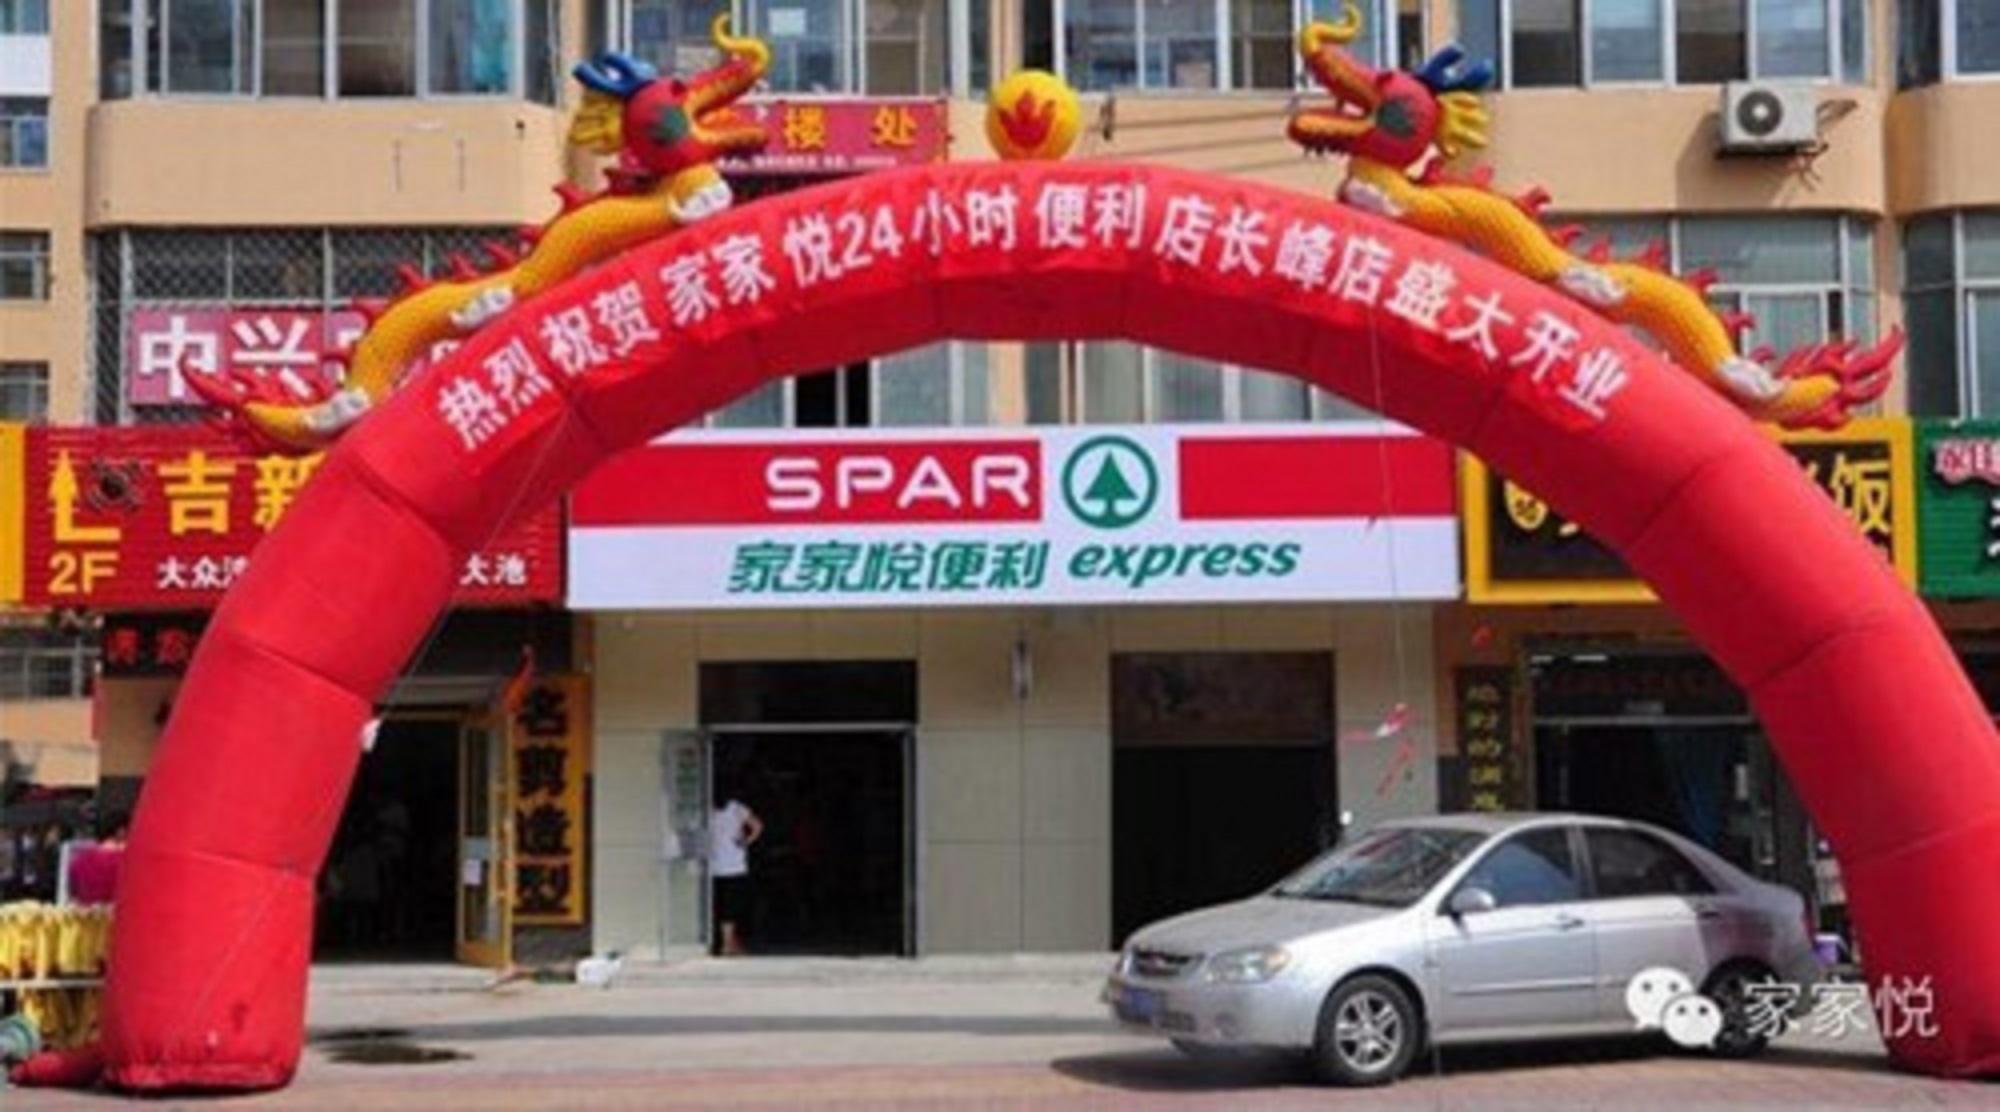 SPAR Express Changfeng Store(1)